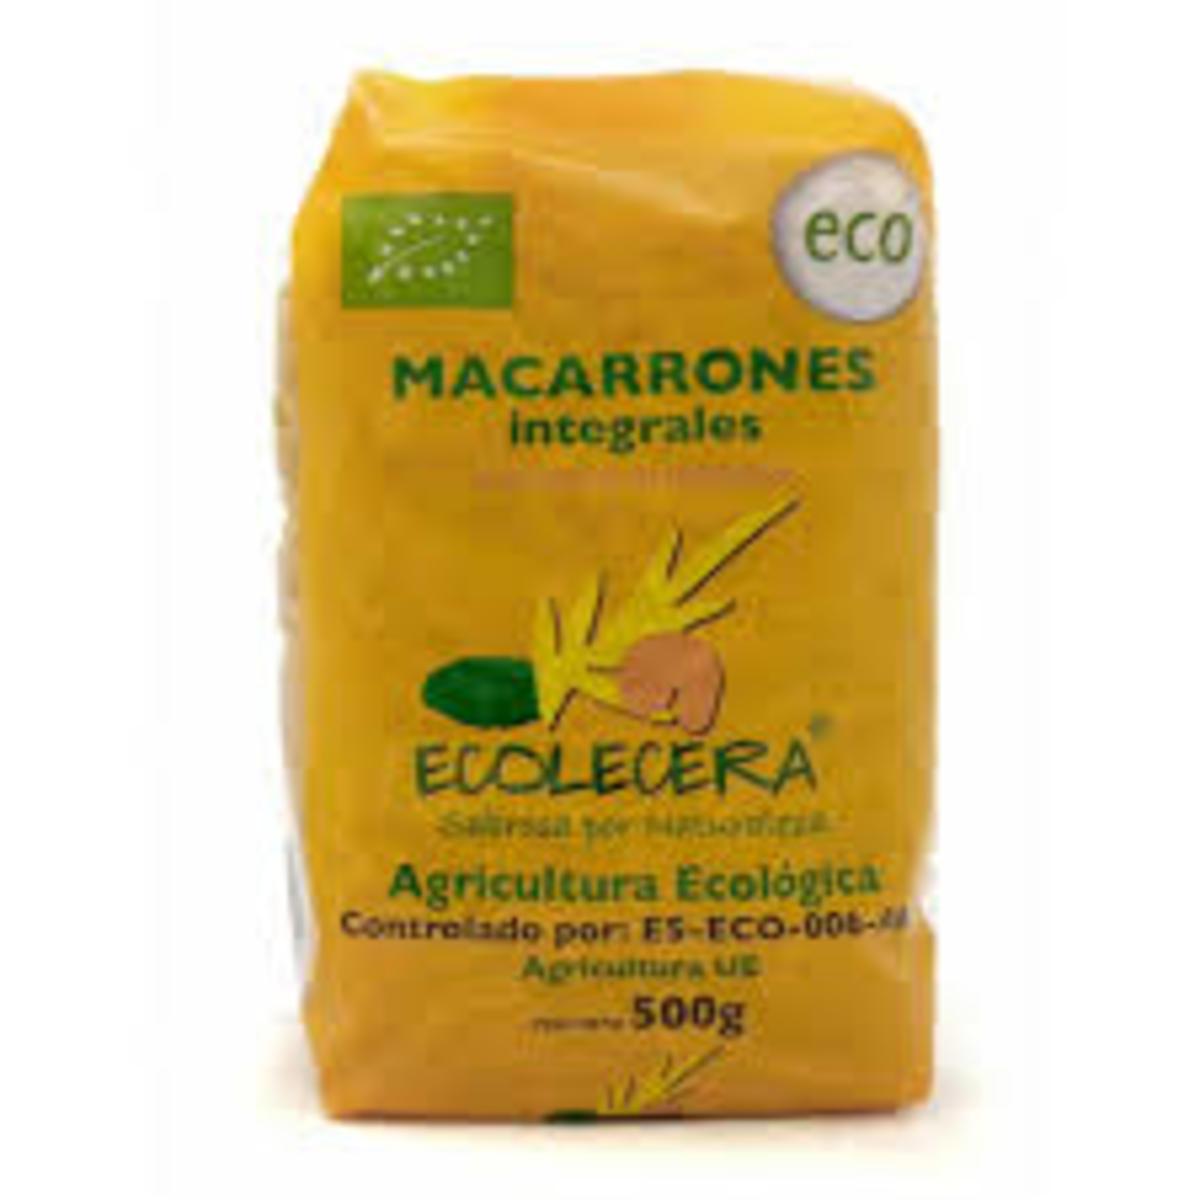 Macarrones Integrales Ecológicos 500G. Ecolécera